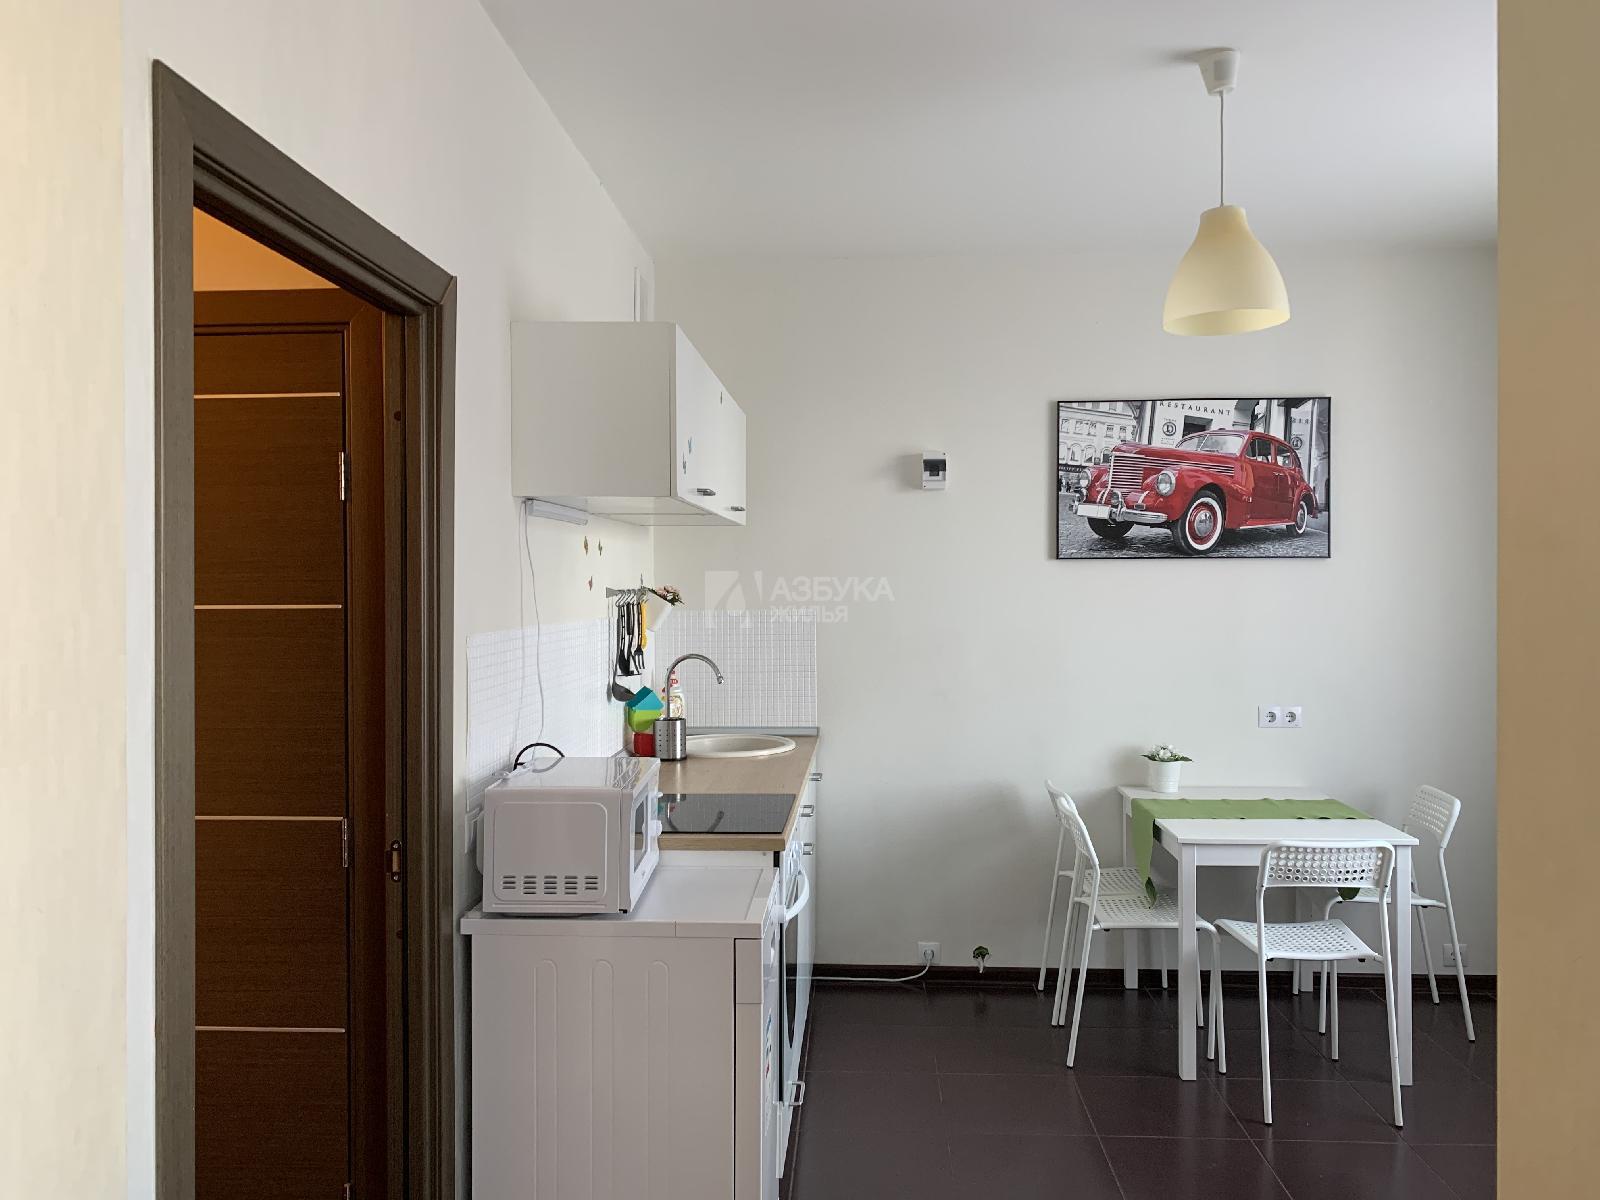 Фото №28 - 2-комнатная квартира, Москва, Митинская улица 28 корпус 2, метро Митино